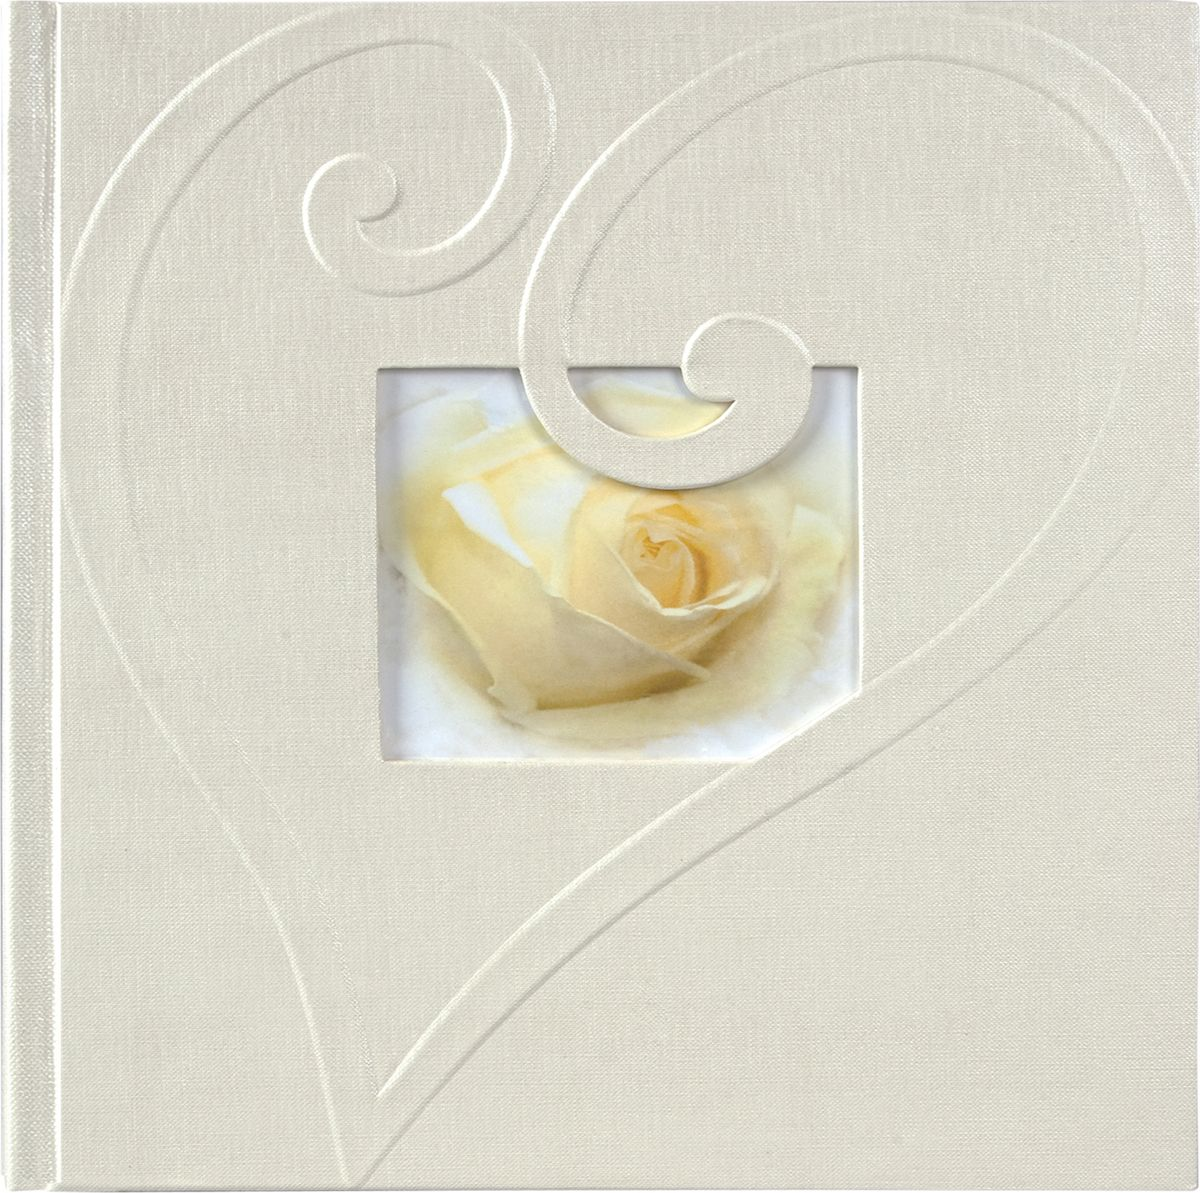 Фотоальбом Innova Wedding Memories, 200 фотографий, 10 x 15 смQ891295Фотоальбом для свадебных фотографий Innova имеет обложку из плотного картона.Альбом рассчитан на 200 фотографий форматом 10 х 15 см. Страницы изготовлены из пластика и скреплены книжным переплетом. Фотоальбом является универсальным подарком к любому празднику. Родным, близким и просто знакомым будет приятно помещать фотографии в этот альбом.